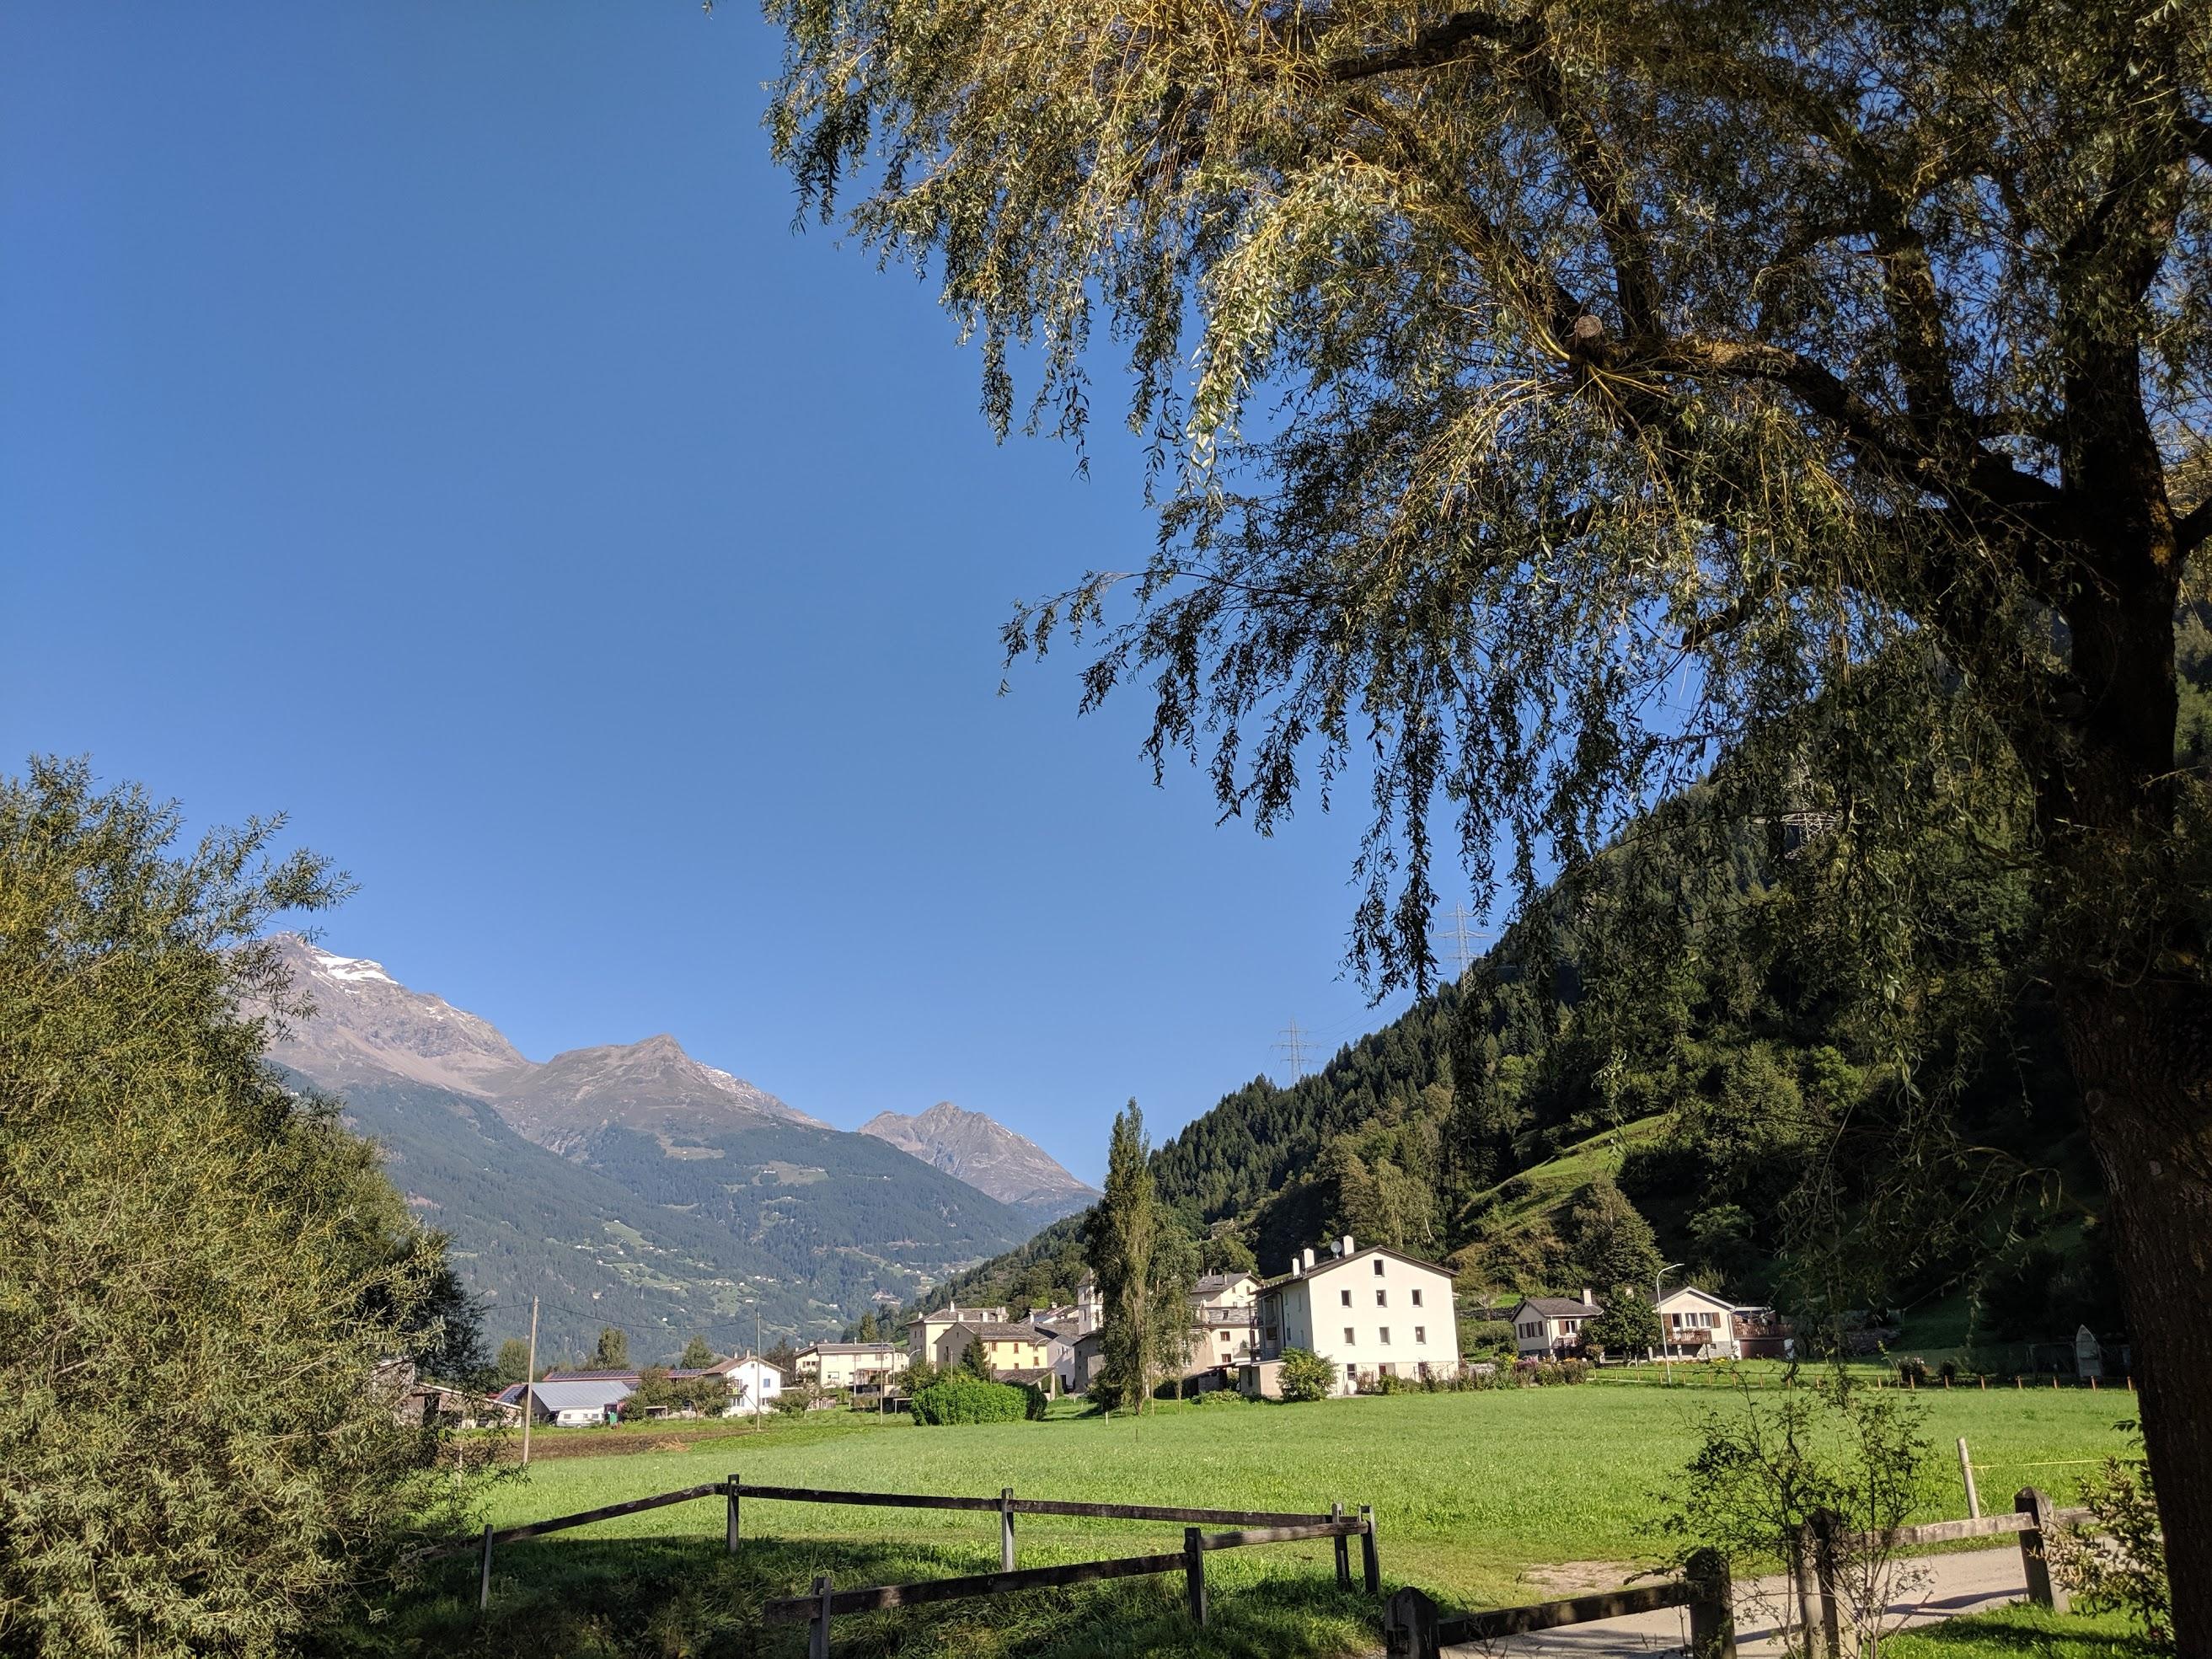 Tecnicamente qui siamo usciti dalla Valtellina. Siamo infatti sul bordo del vicino lago di Poschiavo in Svizzera. Il lago è così vicino al confine che un runner determinato potrebbe arrivarci direttamente dall'italia attraversando la frontiera correndo. Il giro del lago è uno dei percorsi più belli che abbia mai fatto ed è lungo 7.3 km.